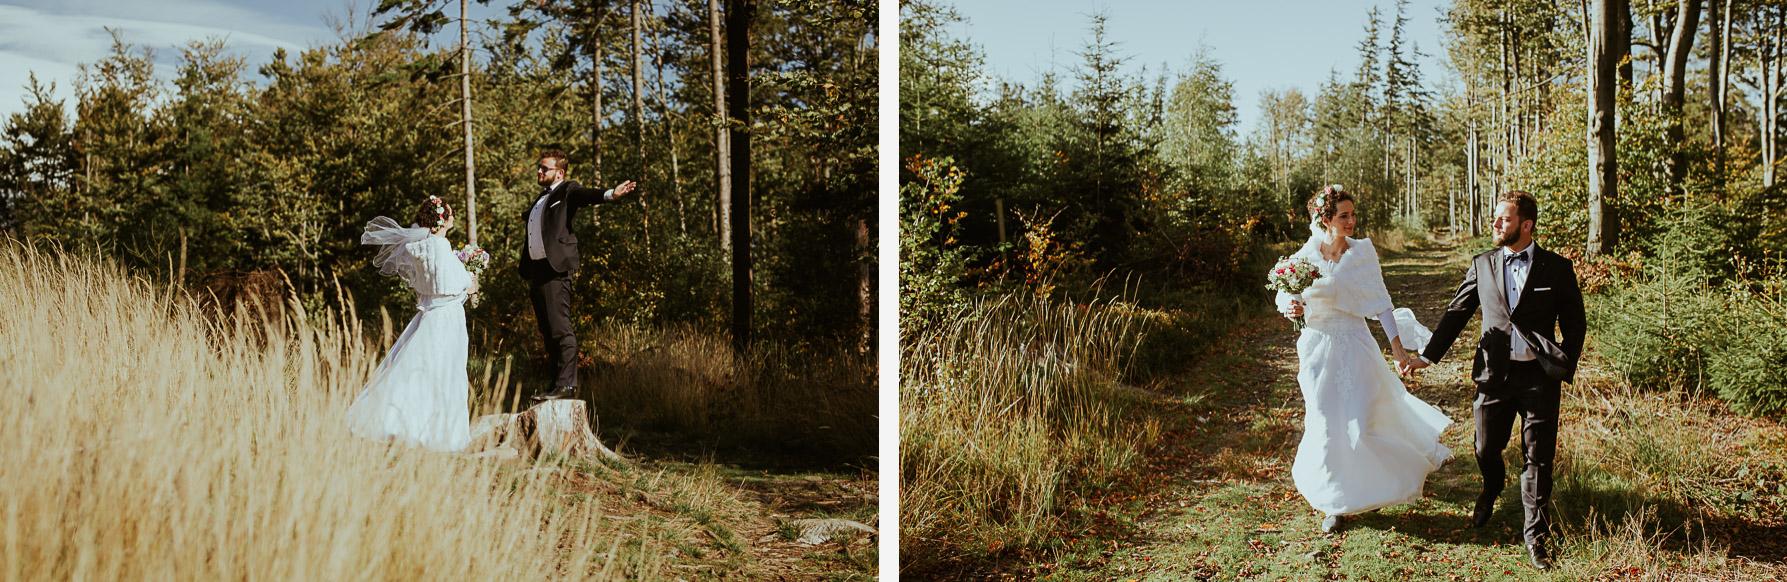 Plener Ślubny w górach jesień 006 a2